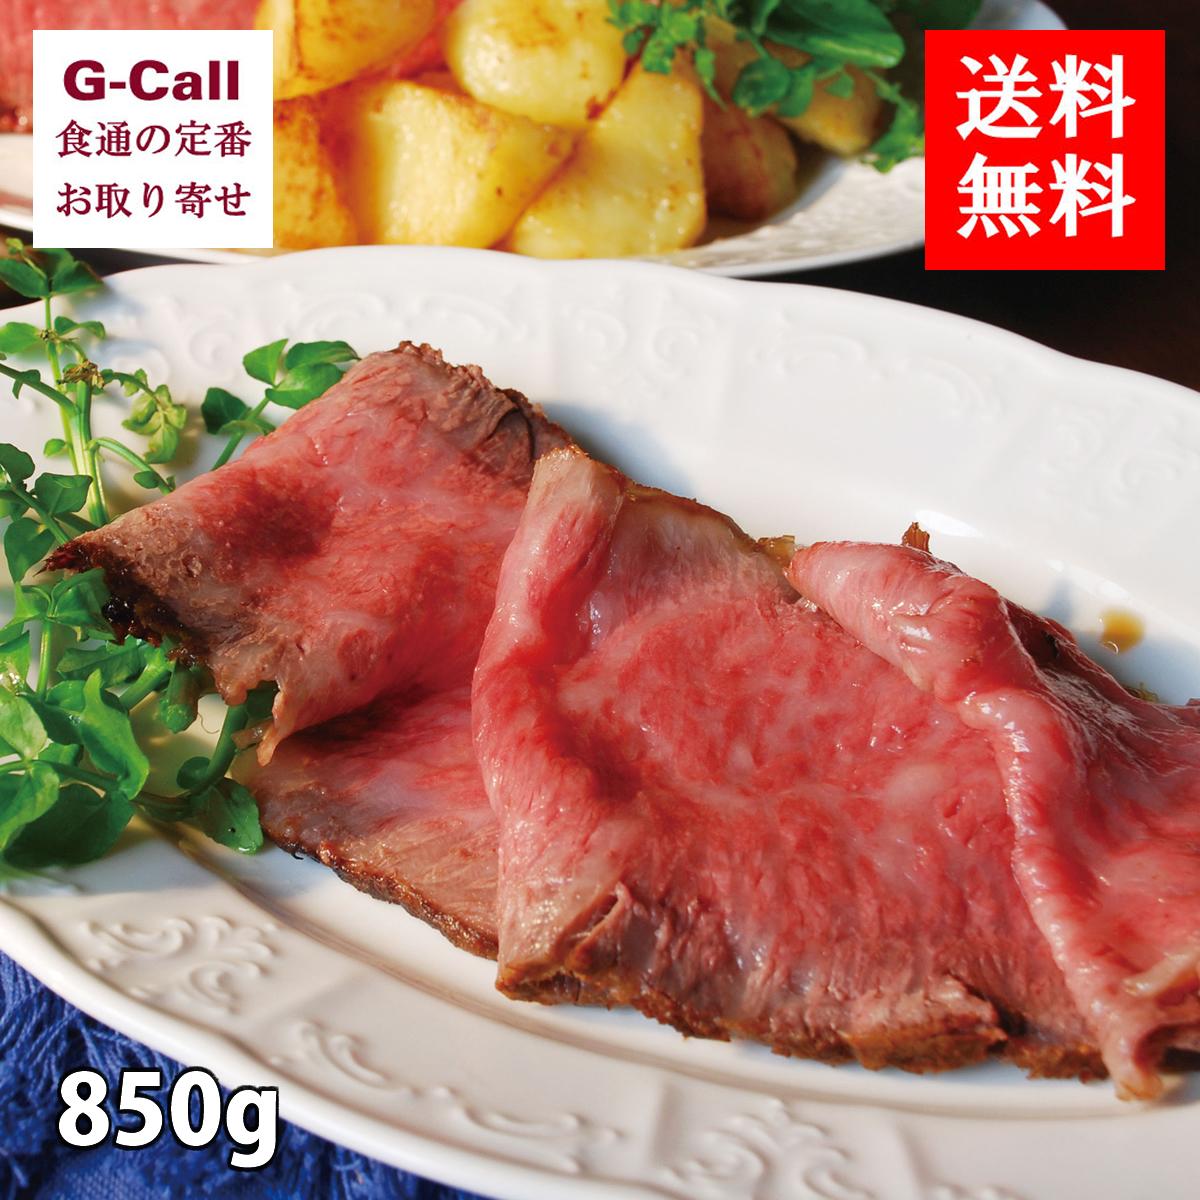 送料無料 ローストビーフの店鎌倉山 黒毛和牛サーロインローストビーフ850g